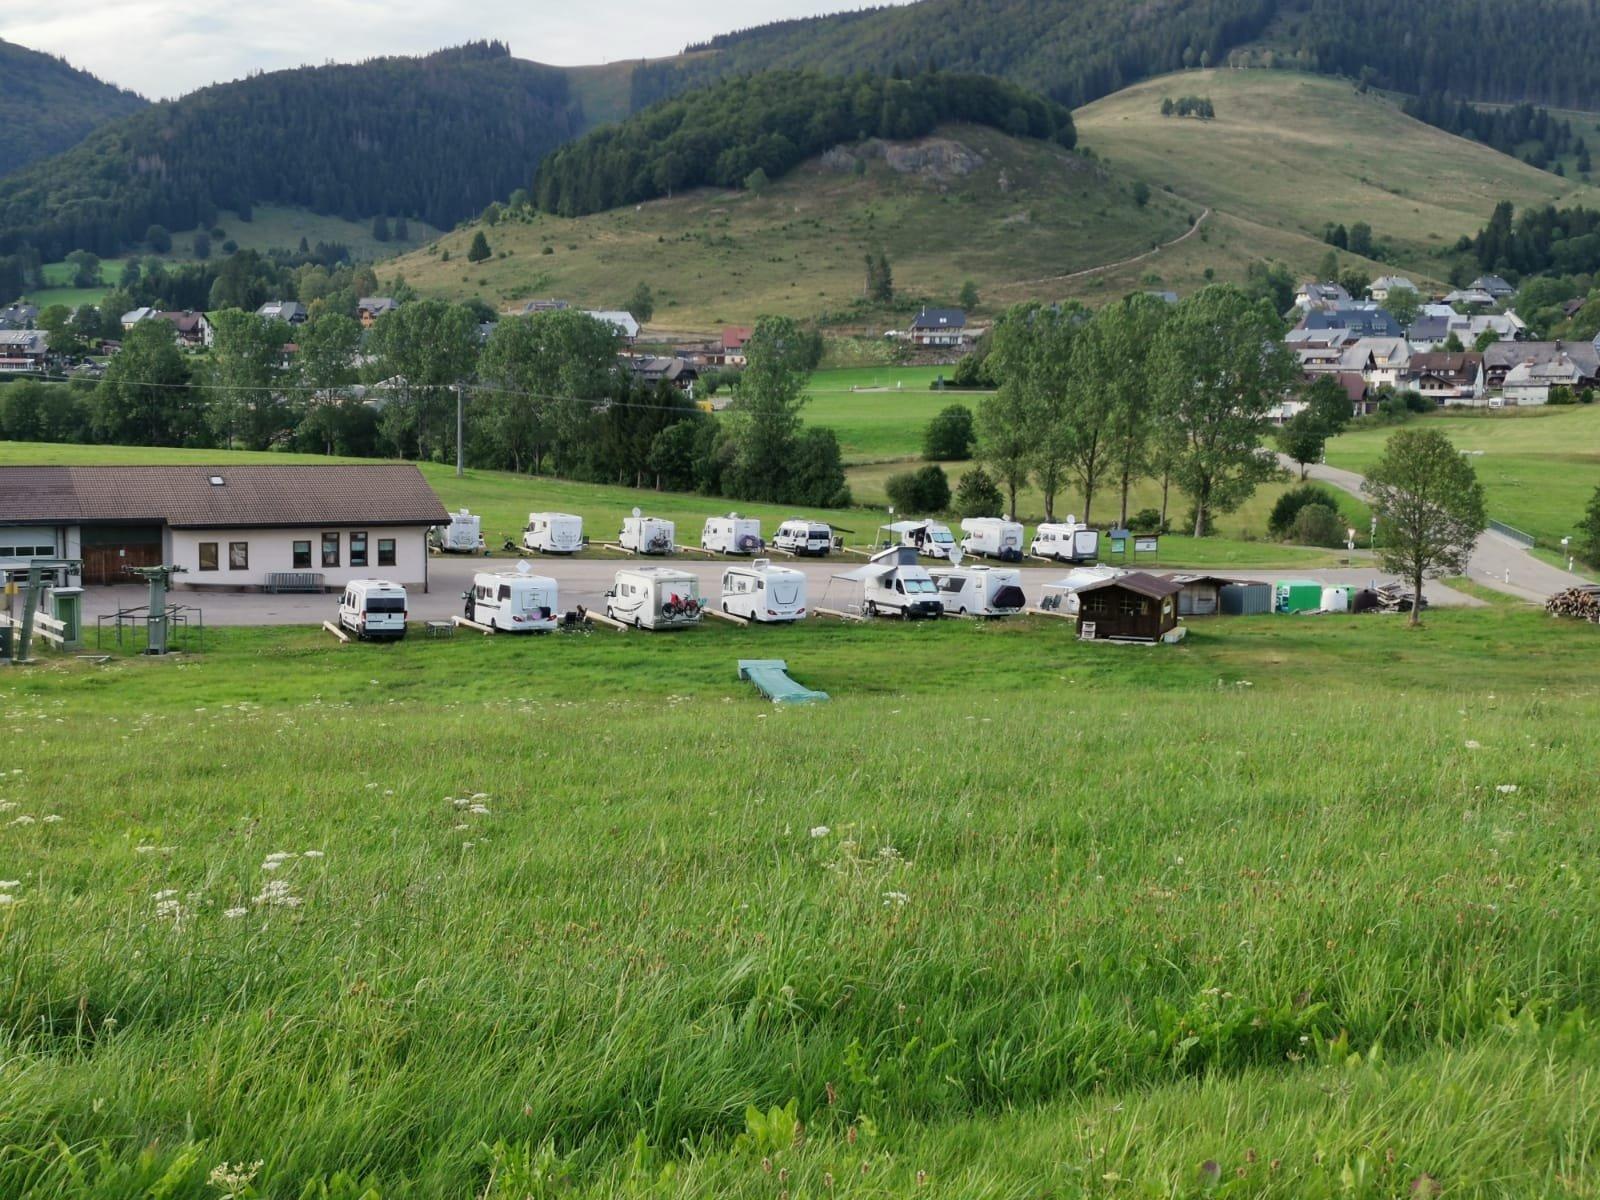 Bernau im Schwarzwald: Idyllisch gelegen in dem wunderschönen Hochtal - der Wohnmobilstellplatz am Spitzenberg bei Bernau, Ortsteil Innerlehen. Geöffnet von April bis Oktober